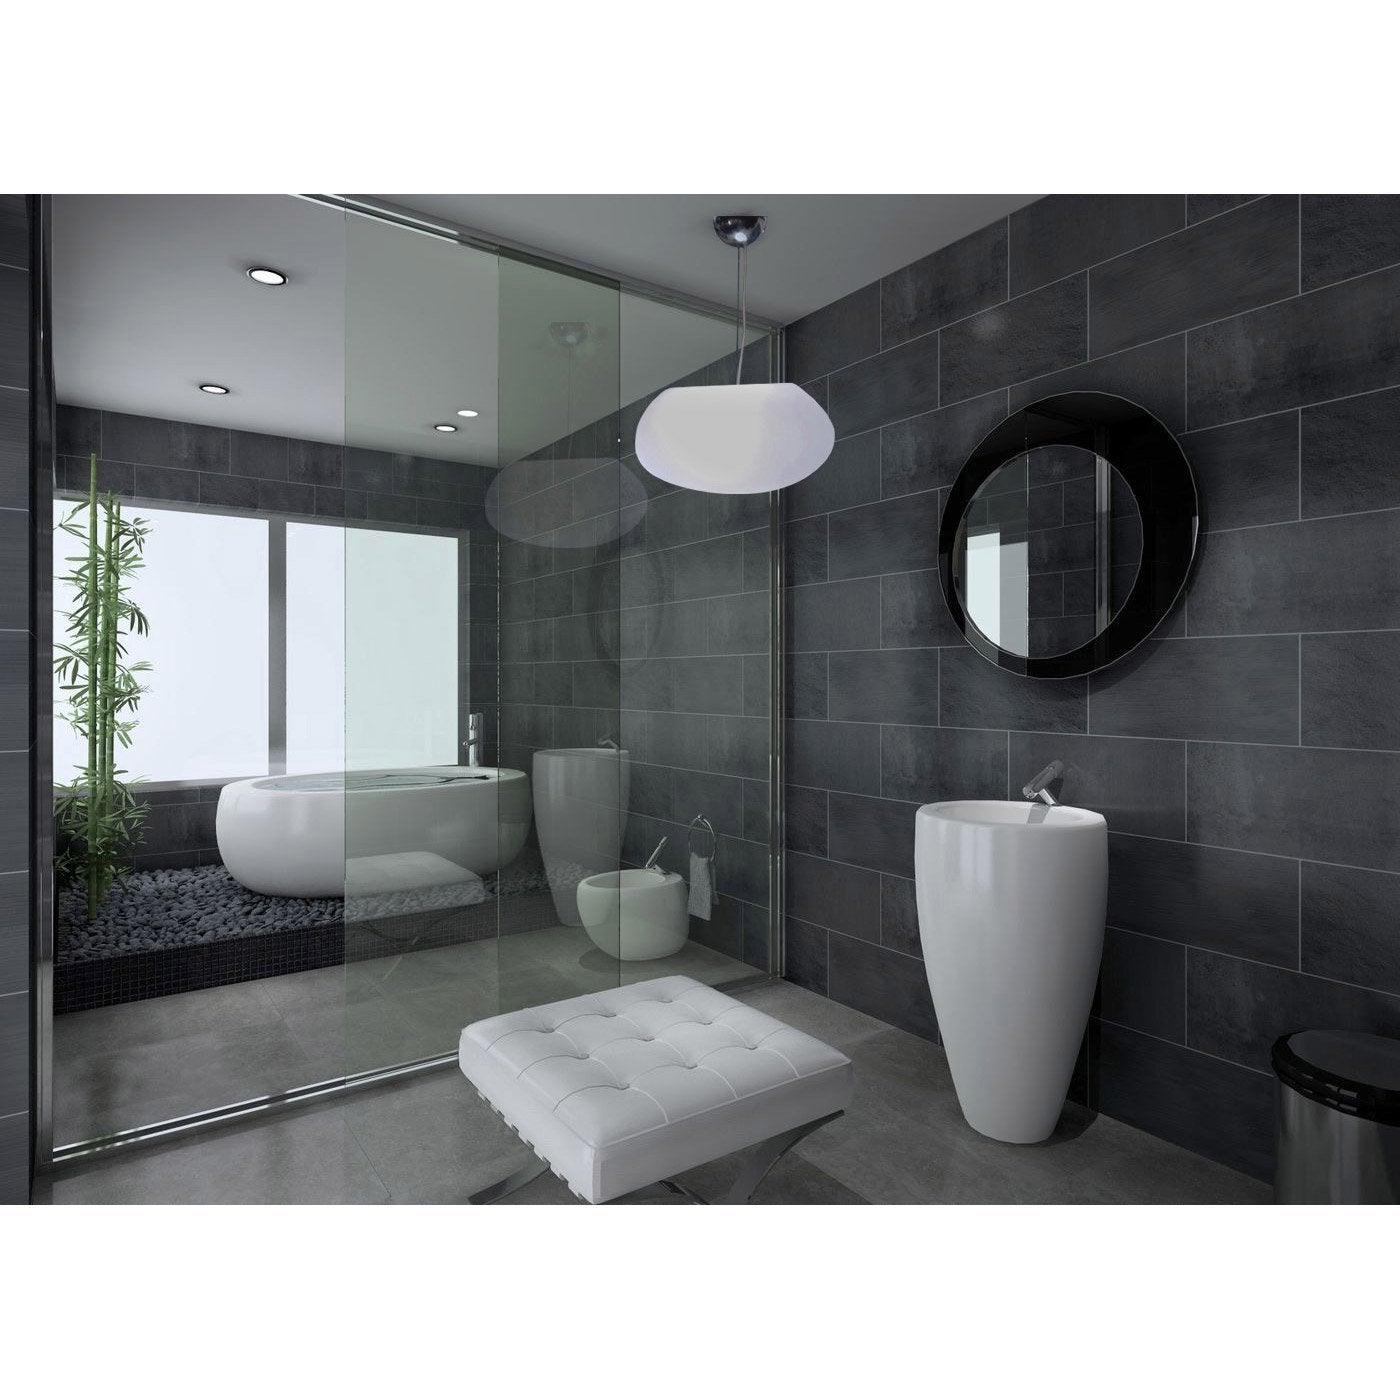 suspension petra 40 hang sans ampoule 0 e27 blanc froid. Black Bedroom Furniture Sets. Home Design Ideas